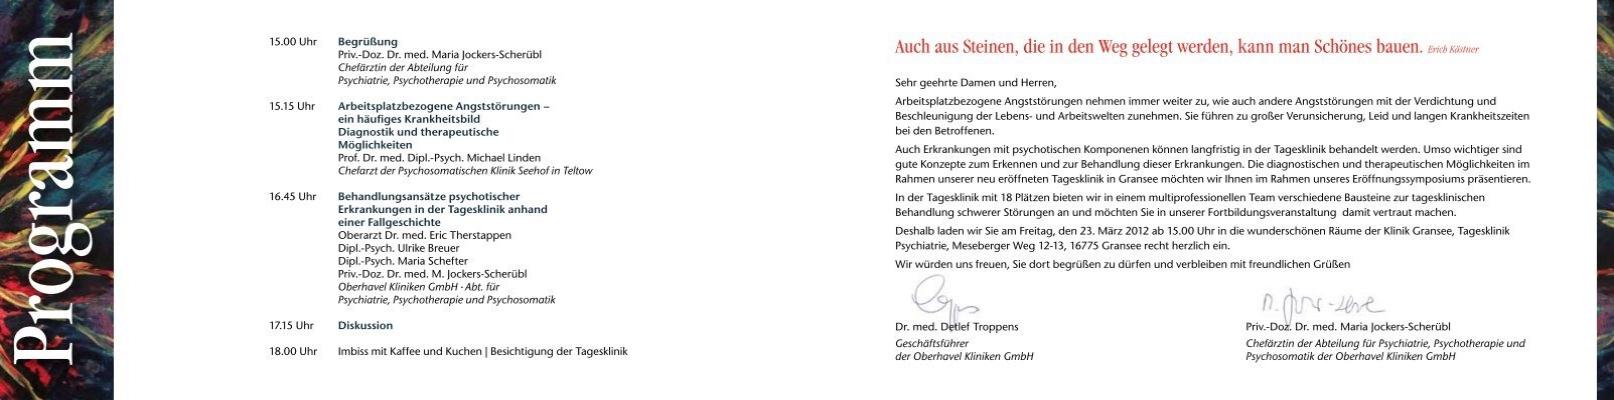 Tolle Rahmen Für 11x14 Diplom Ideen - Badspiegel Rahmen Ideen ...